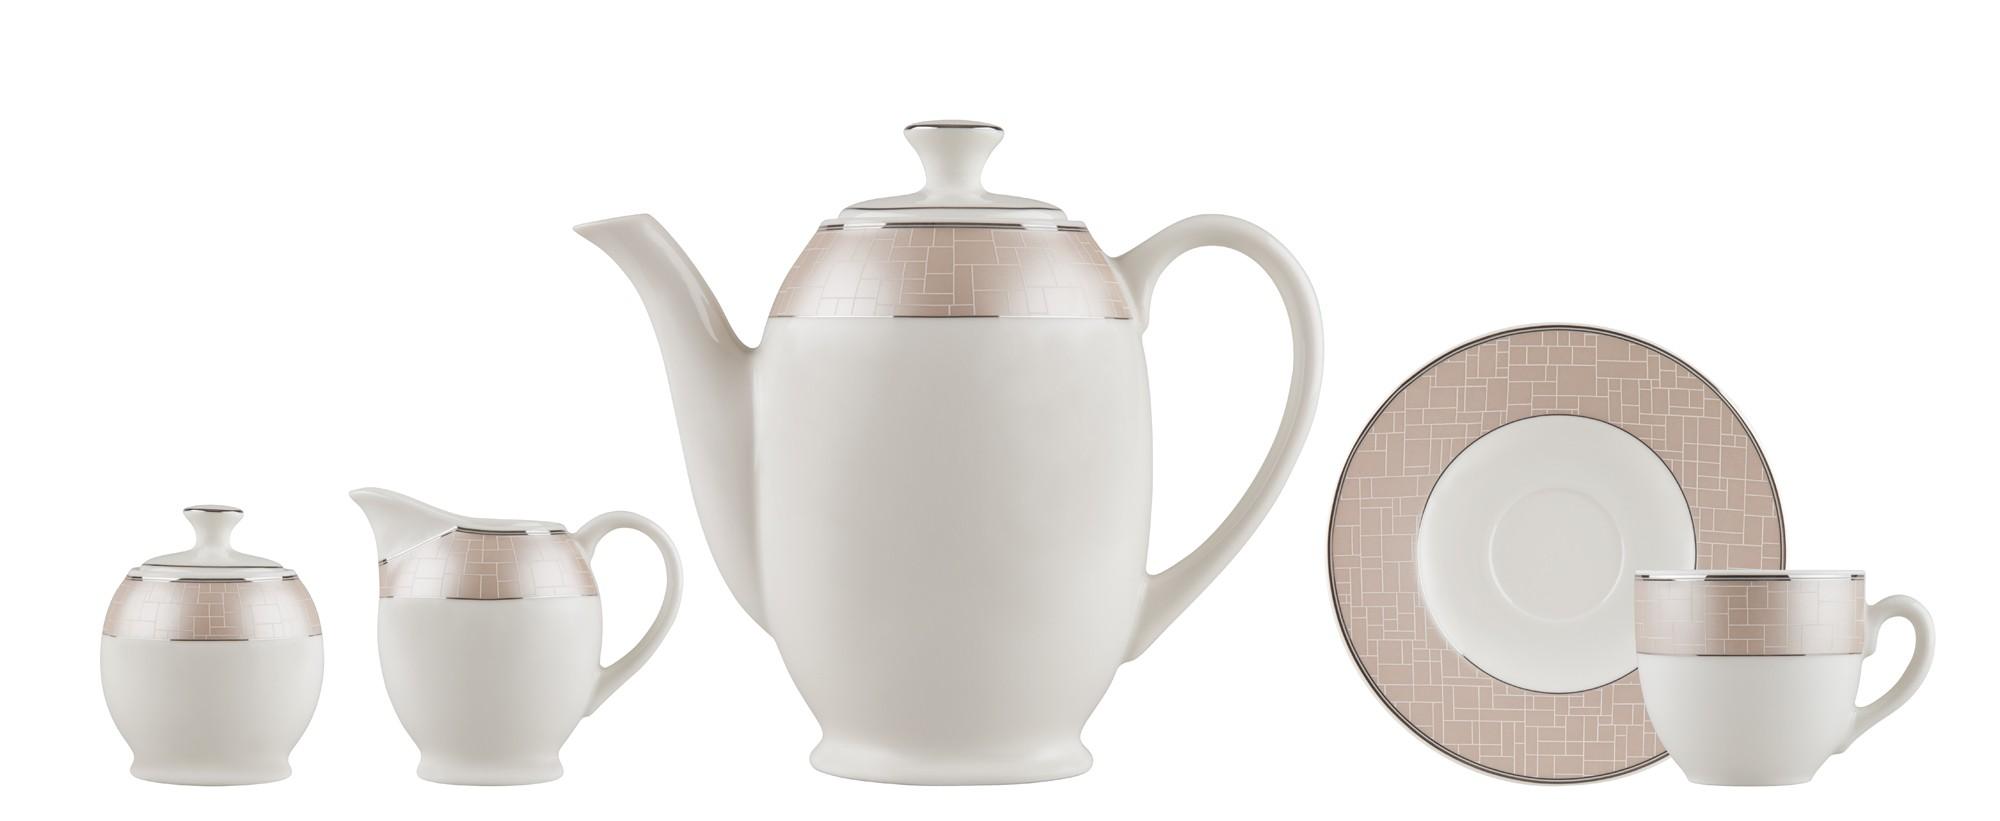 Σετ Τσαγιού Nymphes 9τμχ. Ionia home   ειδη cafe τσαϊ   κούπες   φλυτζάνια